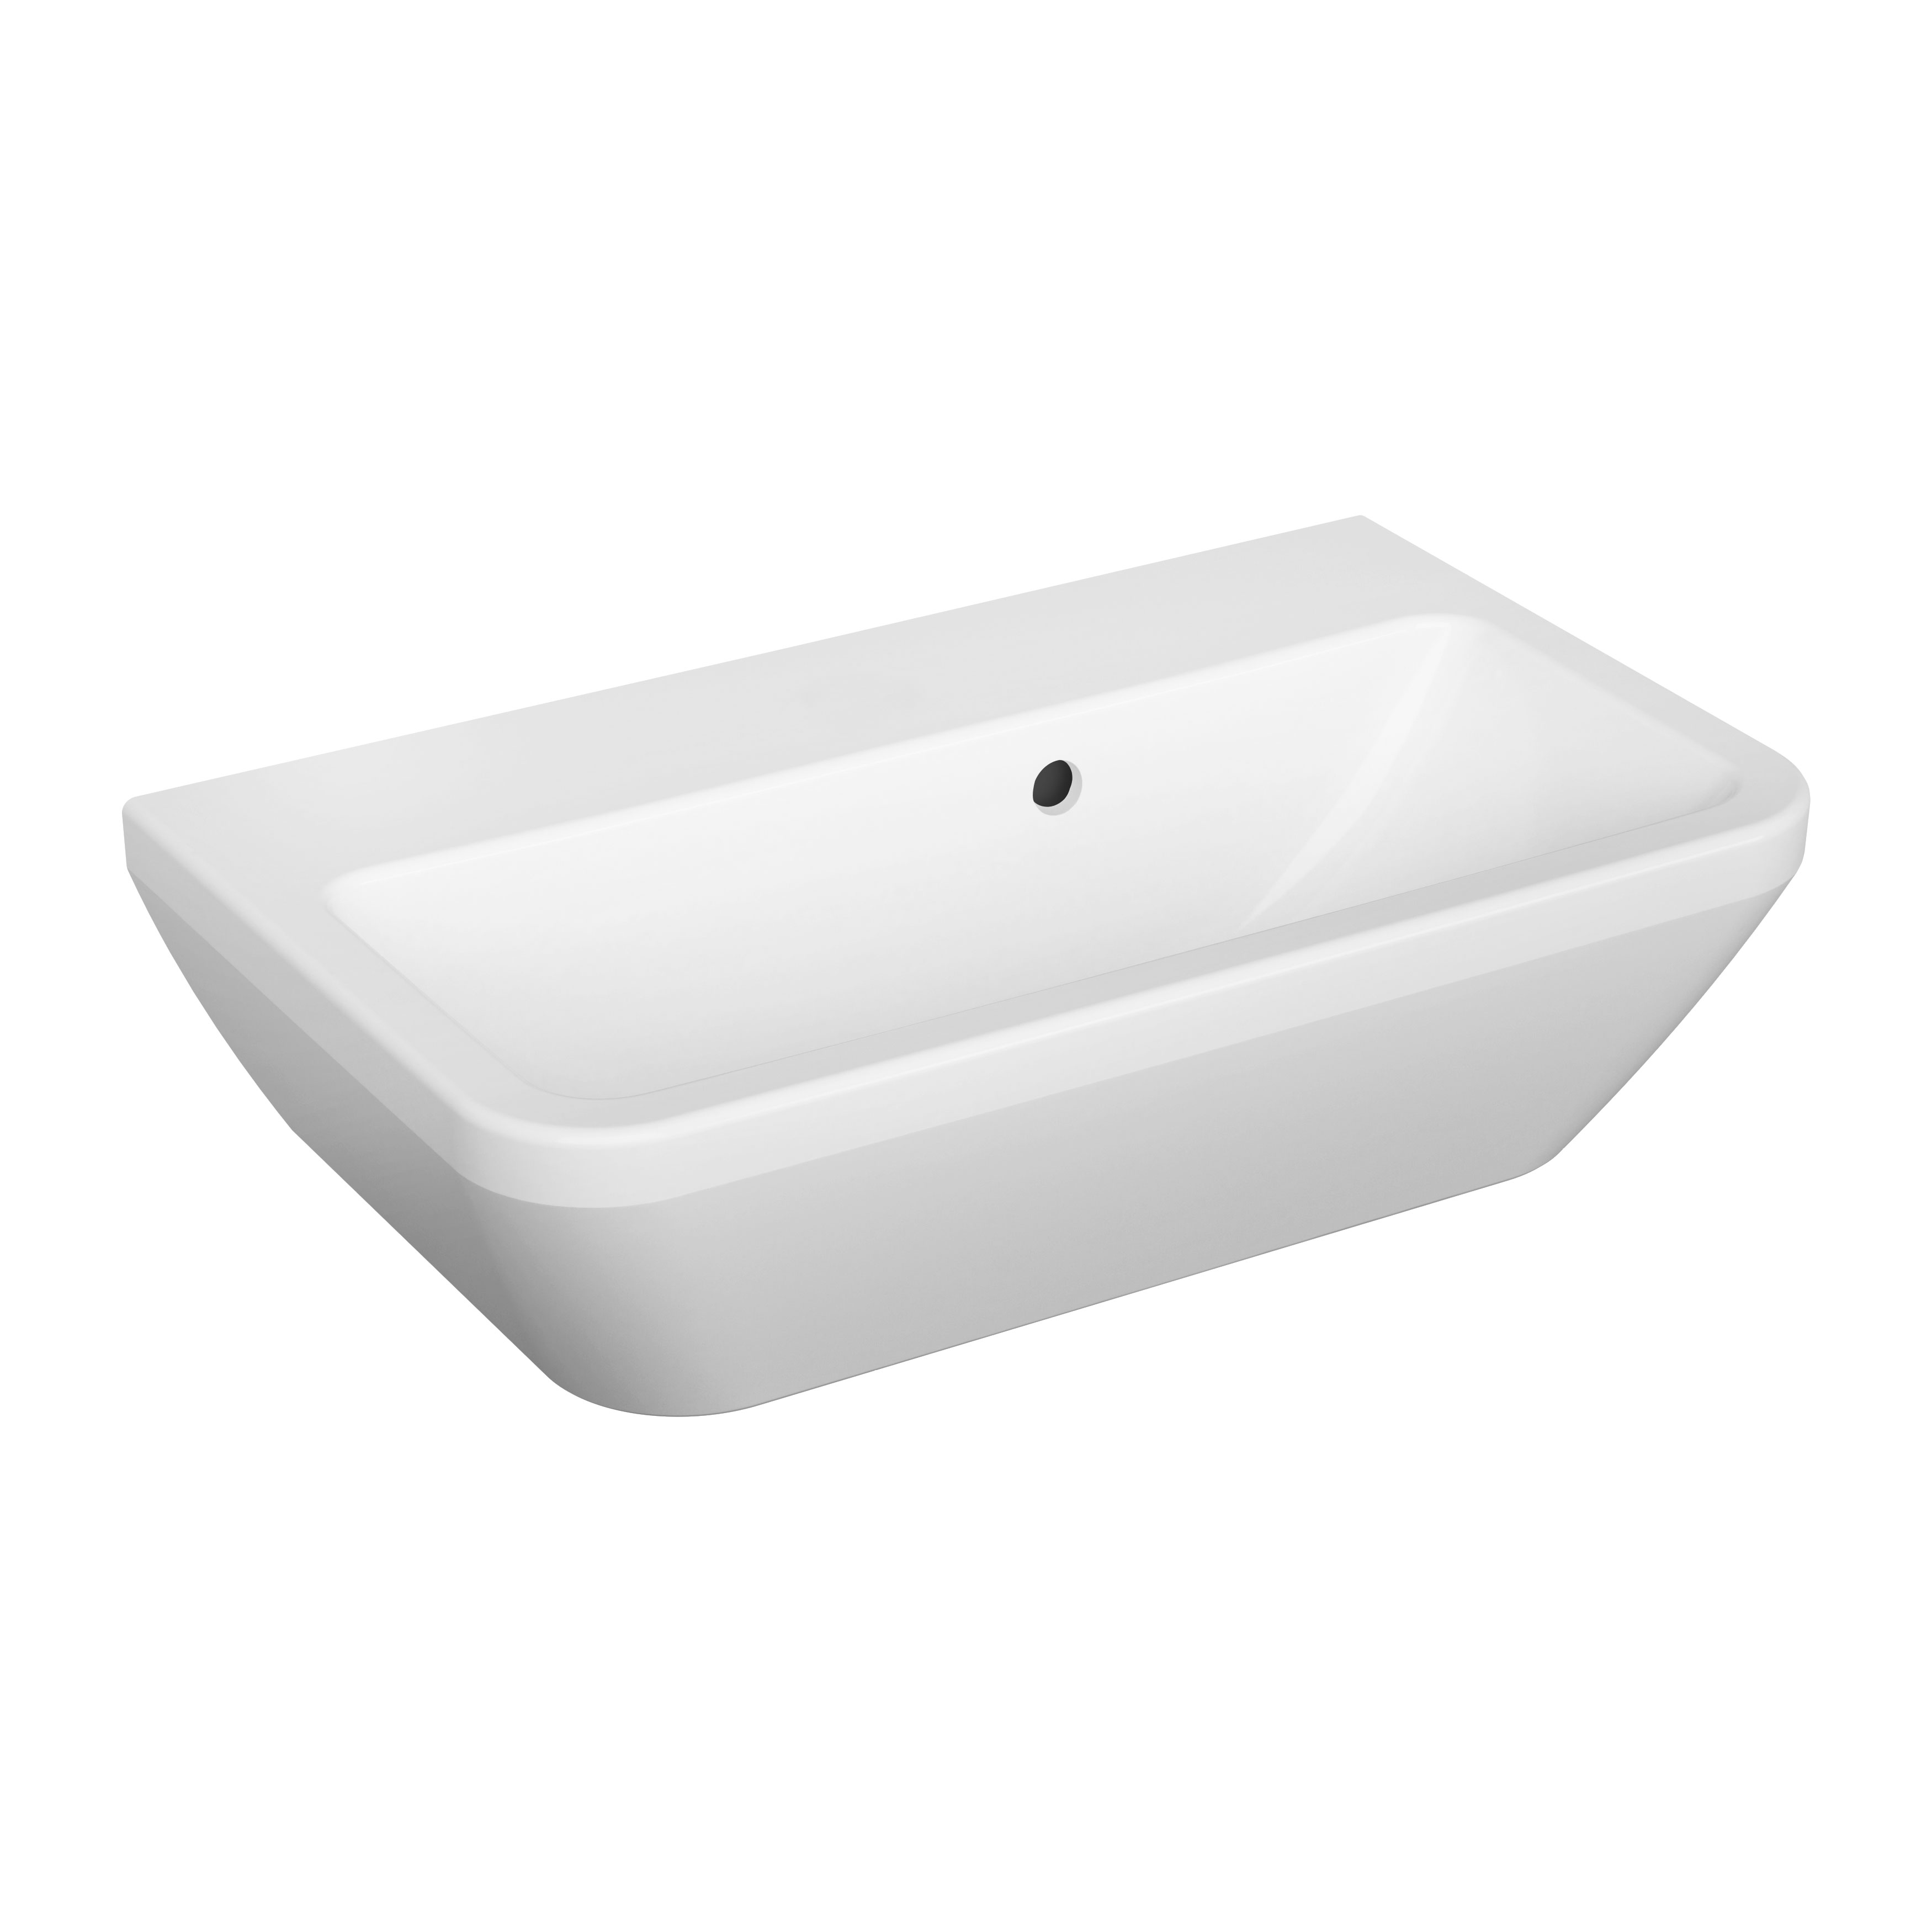 Integra lavabo, 60 cm, sans trop plain, blanc